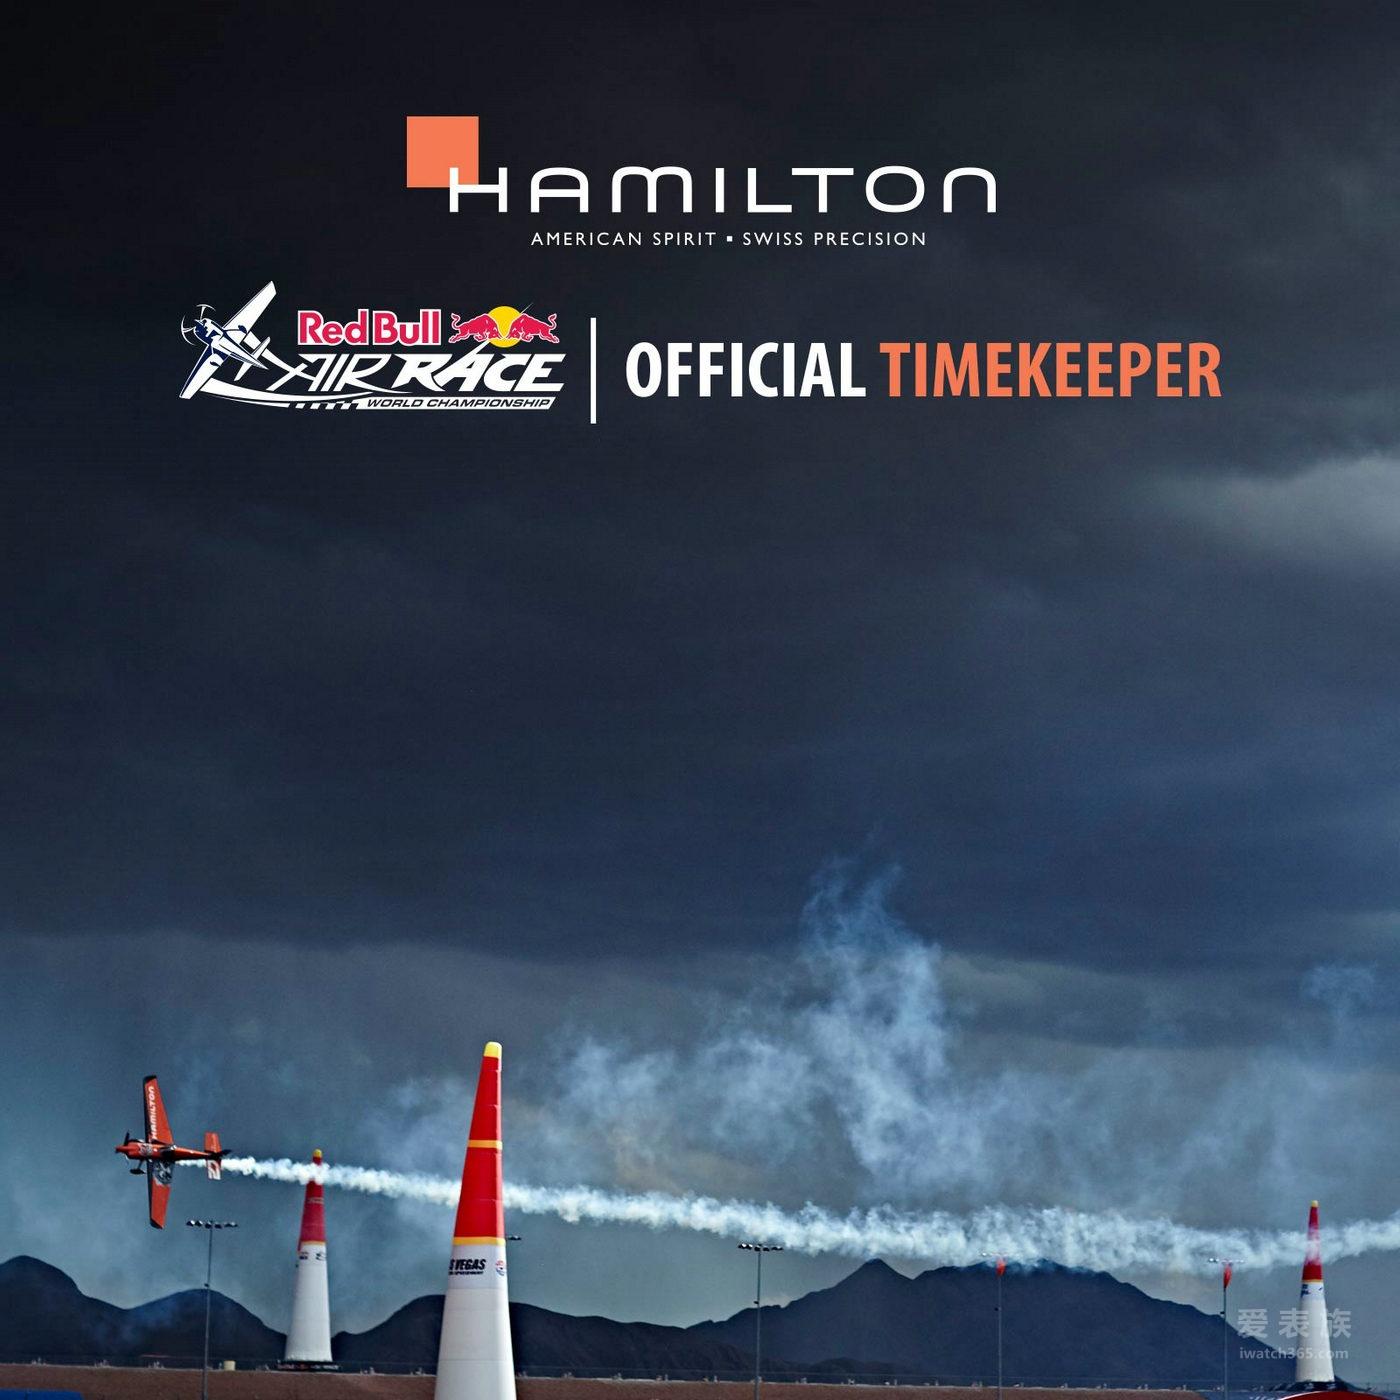 汉米尔顿担任红牛特技飞行世界锦标赛官方计时